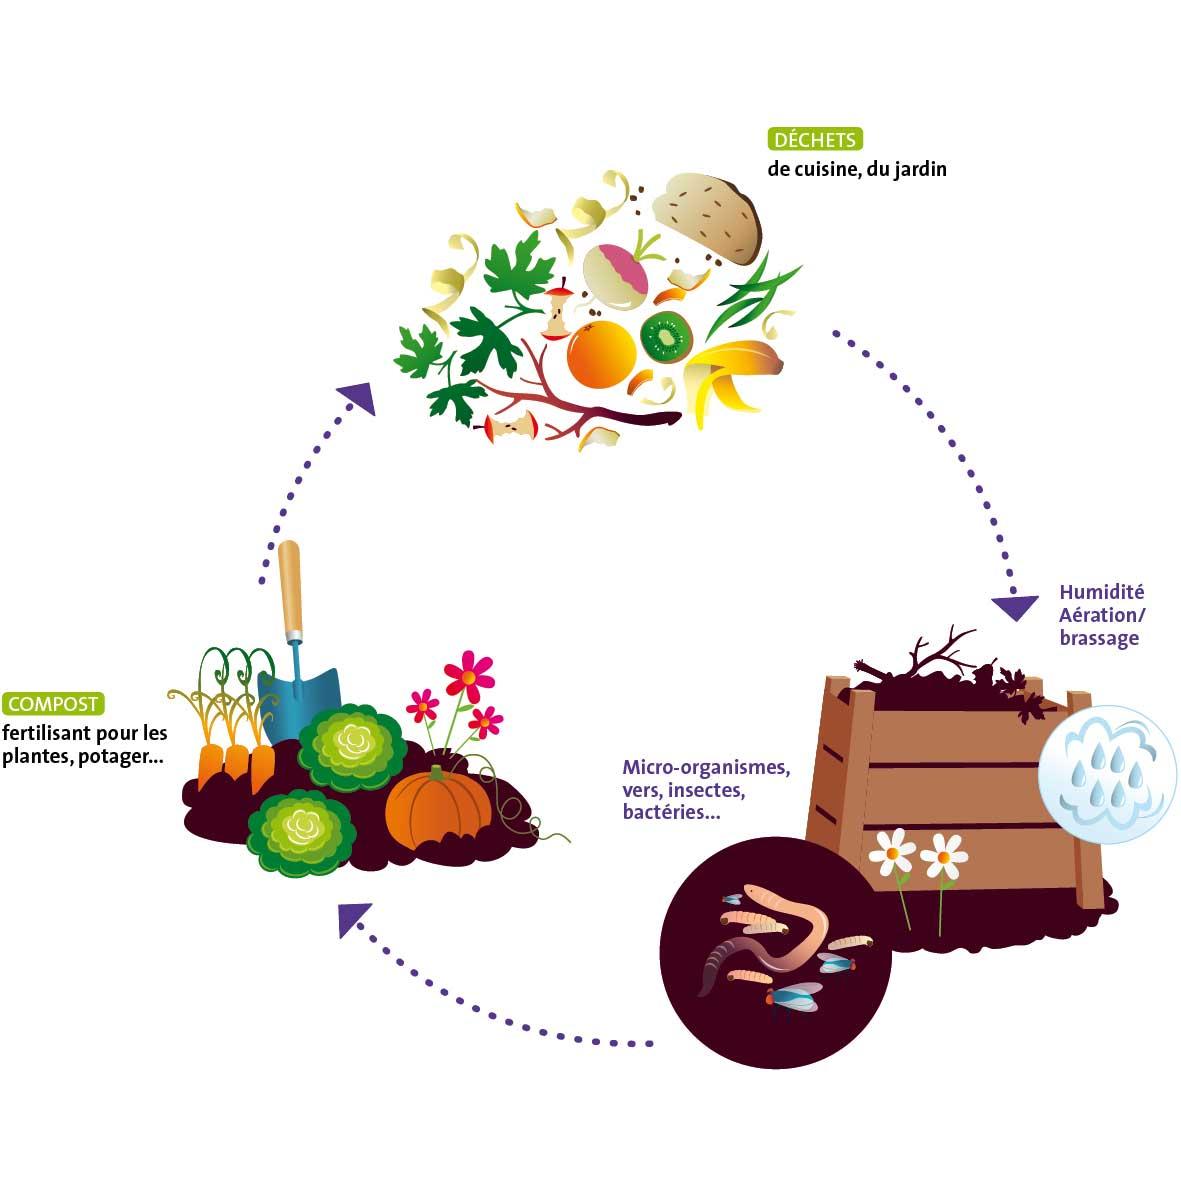 Compost et biodéchets